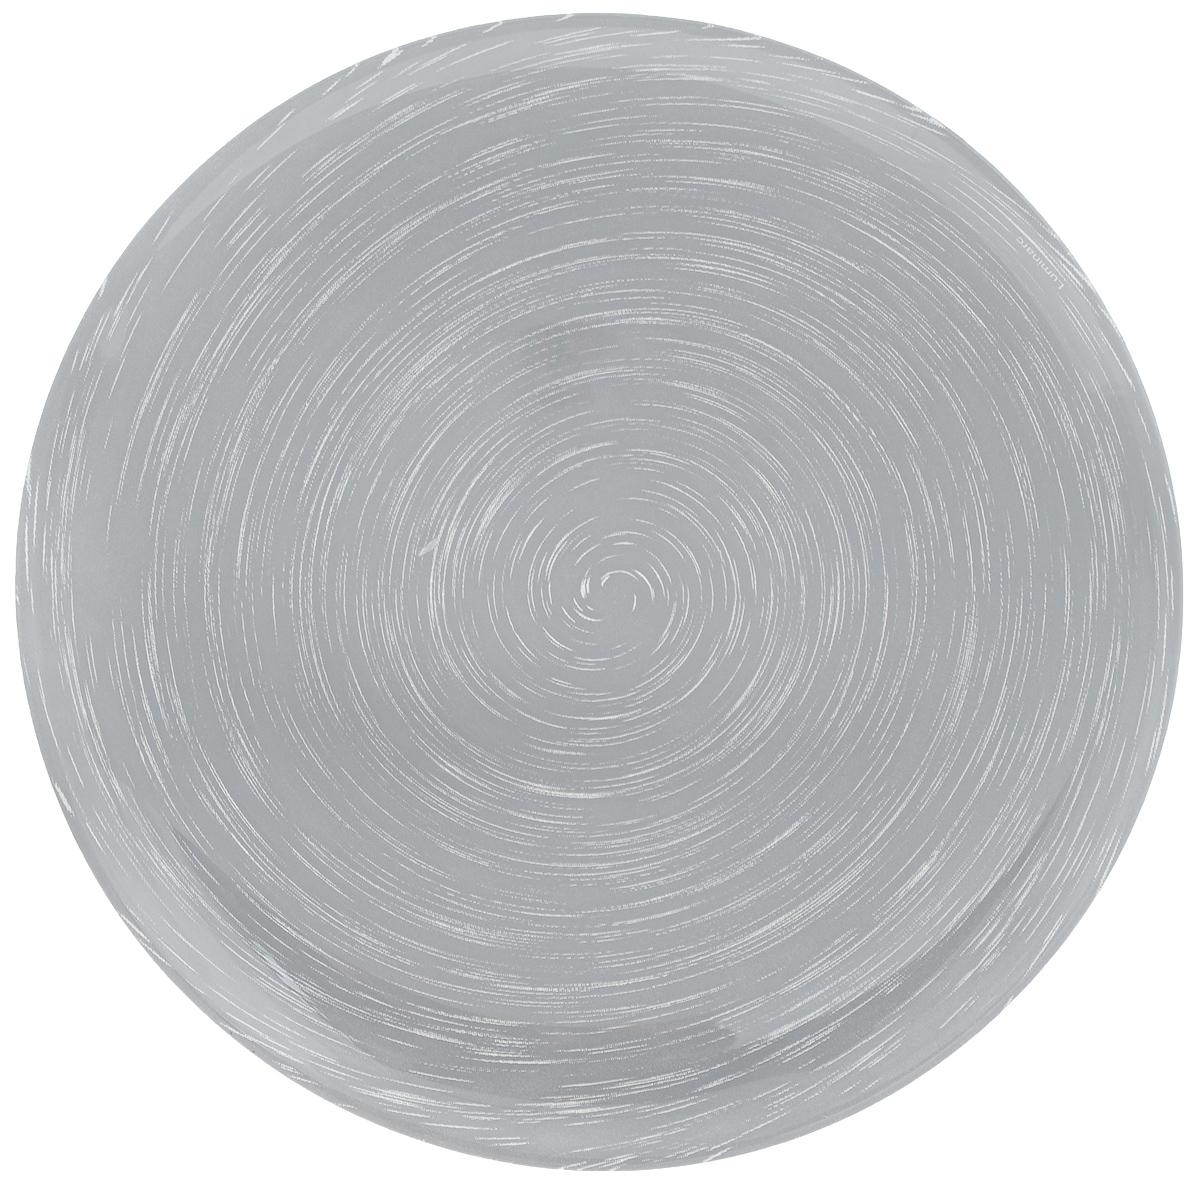 Тарелка десертная Luminarc Stonemania Grey, диаметр 20,5 см115510Десертная тарелка Luminarc Stonemania Grey, изготовленная из ударопрочного стекла, имеет изысканный внешний вид. Такая тарелка прекрасно подходит как для торжественных случаев, так и для повседневного использования. Идеальна для подачи десертов, пирожных, тортов и многого другого. Она прекрасно оформит стол и станет отличным дополнением к вашей коллекции кухонной посуды.